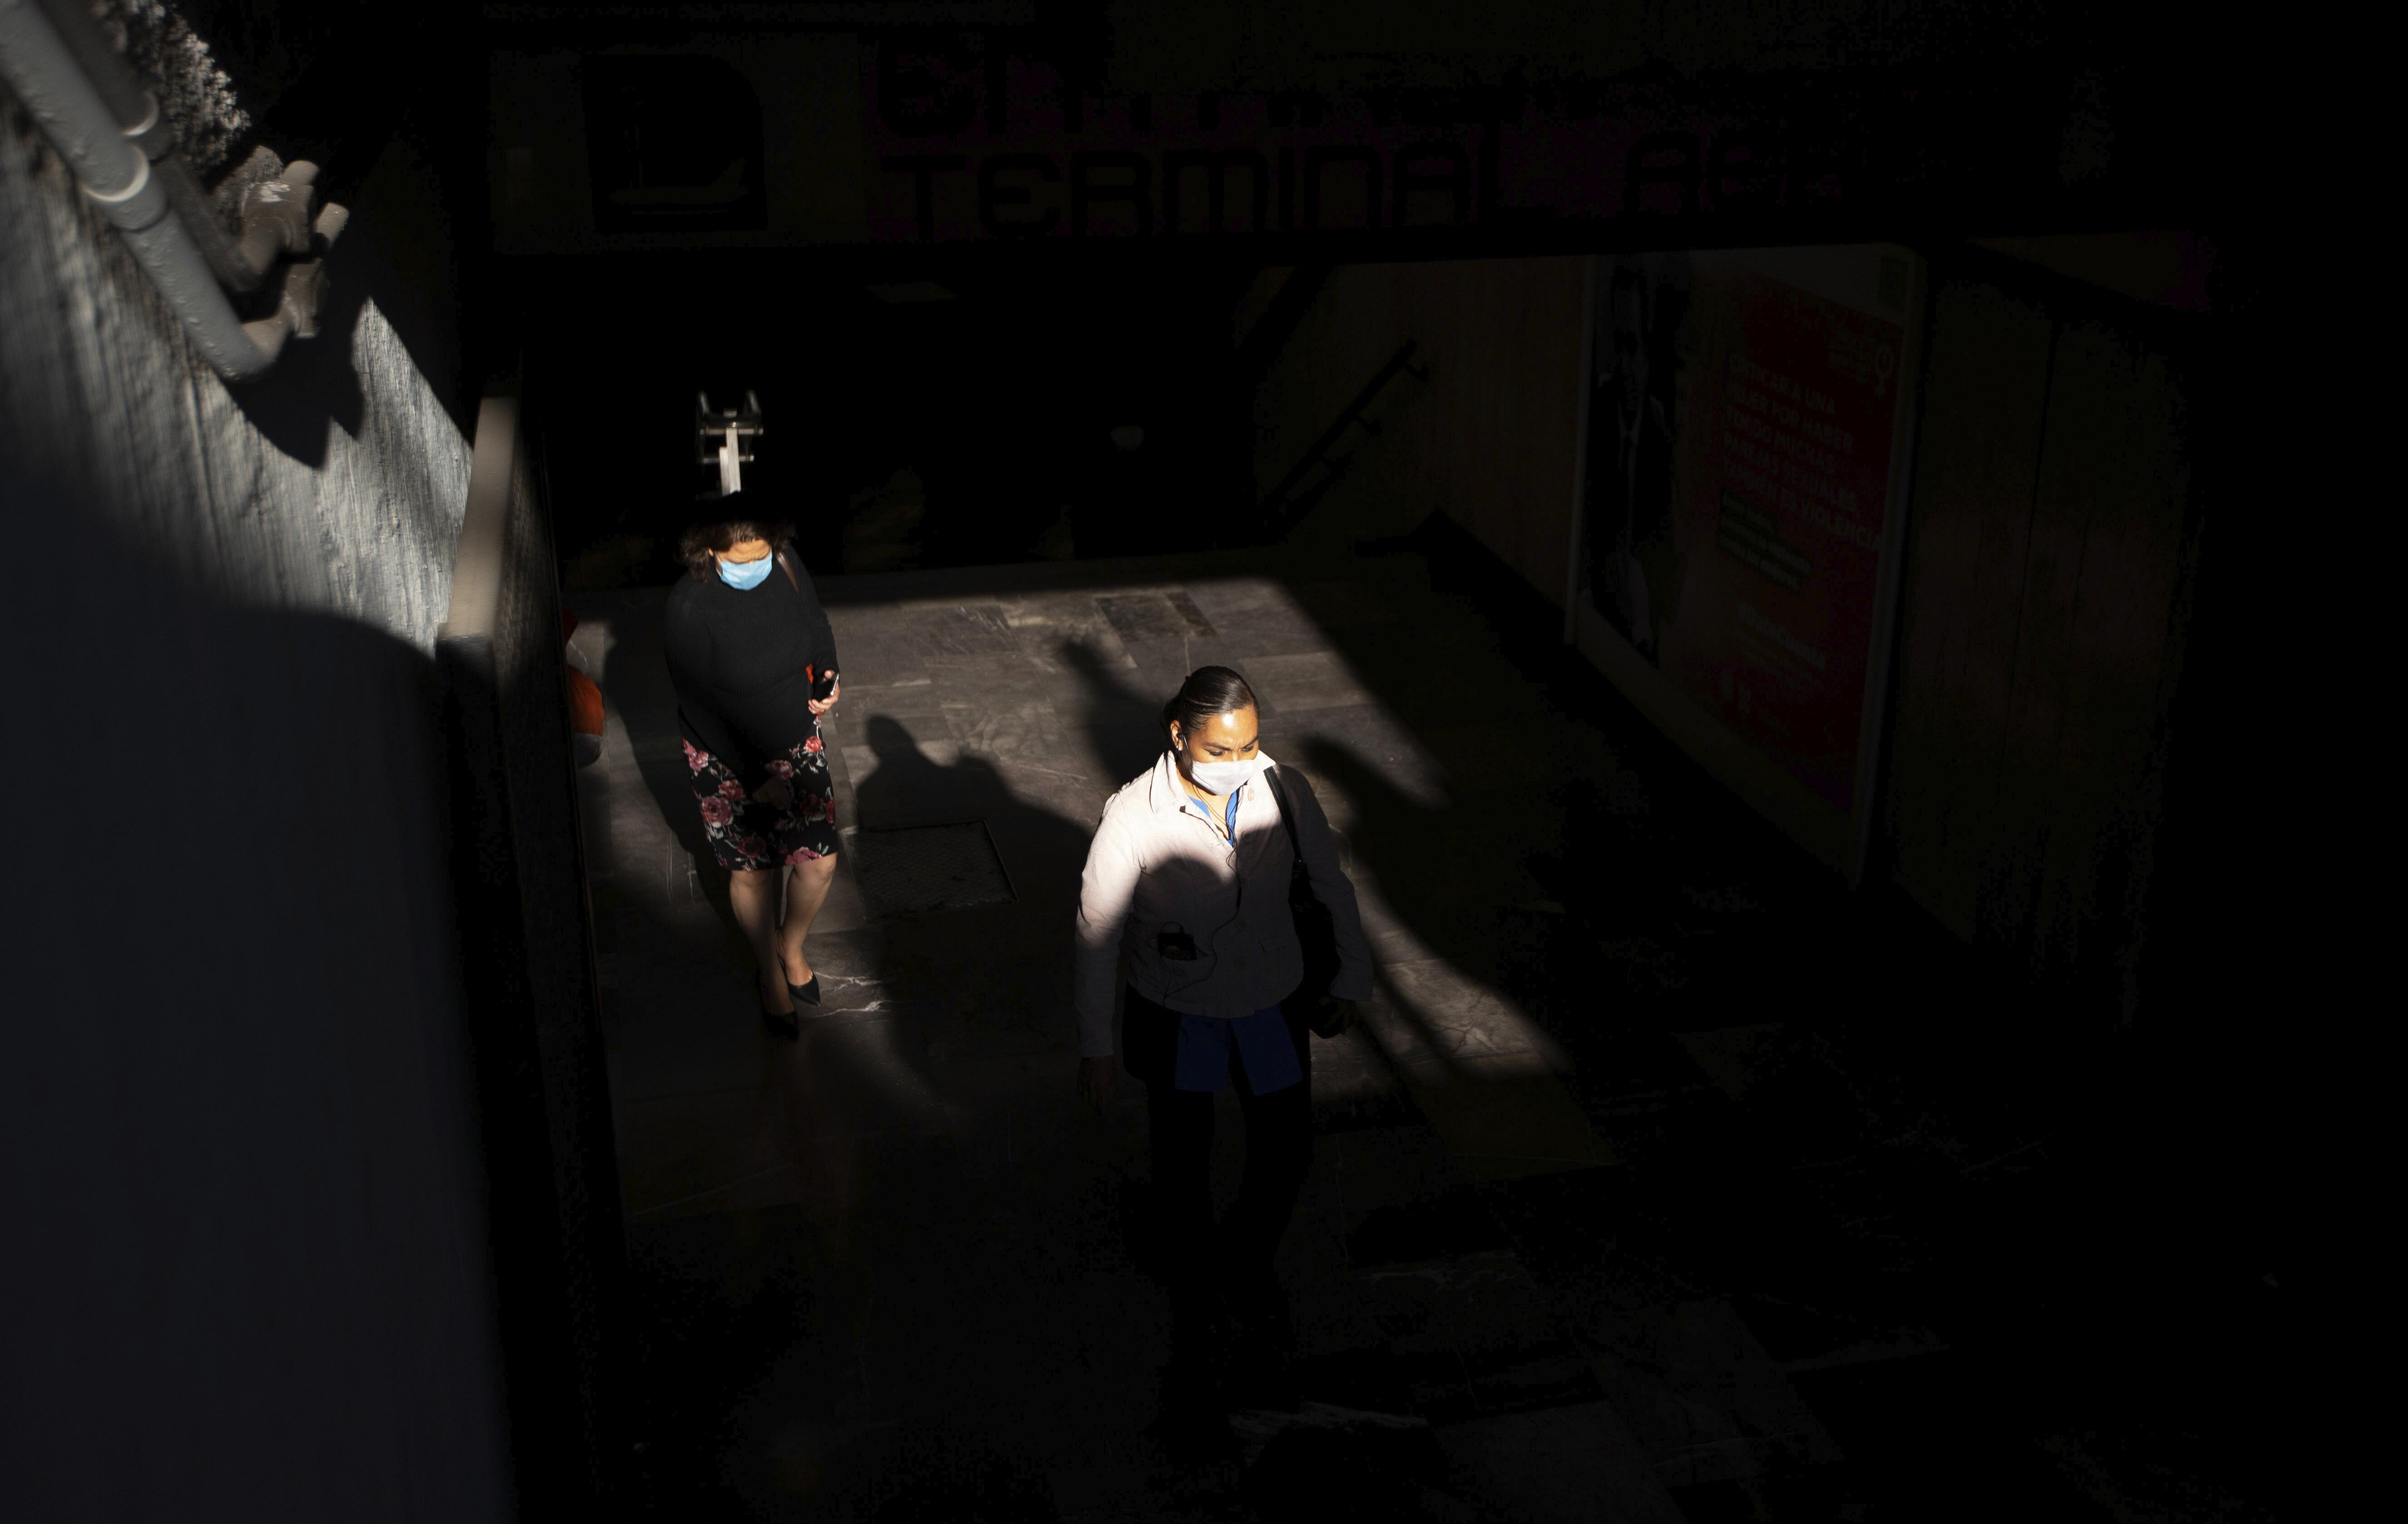 Algunos peatones usan máscaras faciales protectoras salen de una estación de metro en la Ciudad de México, el miércoles 25 de marzo de 2020.